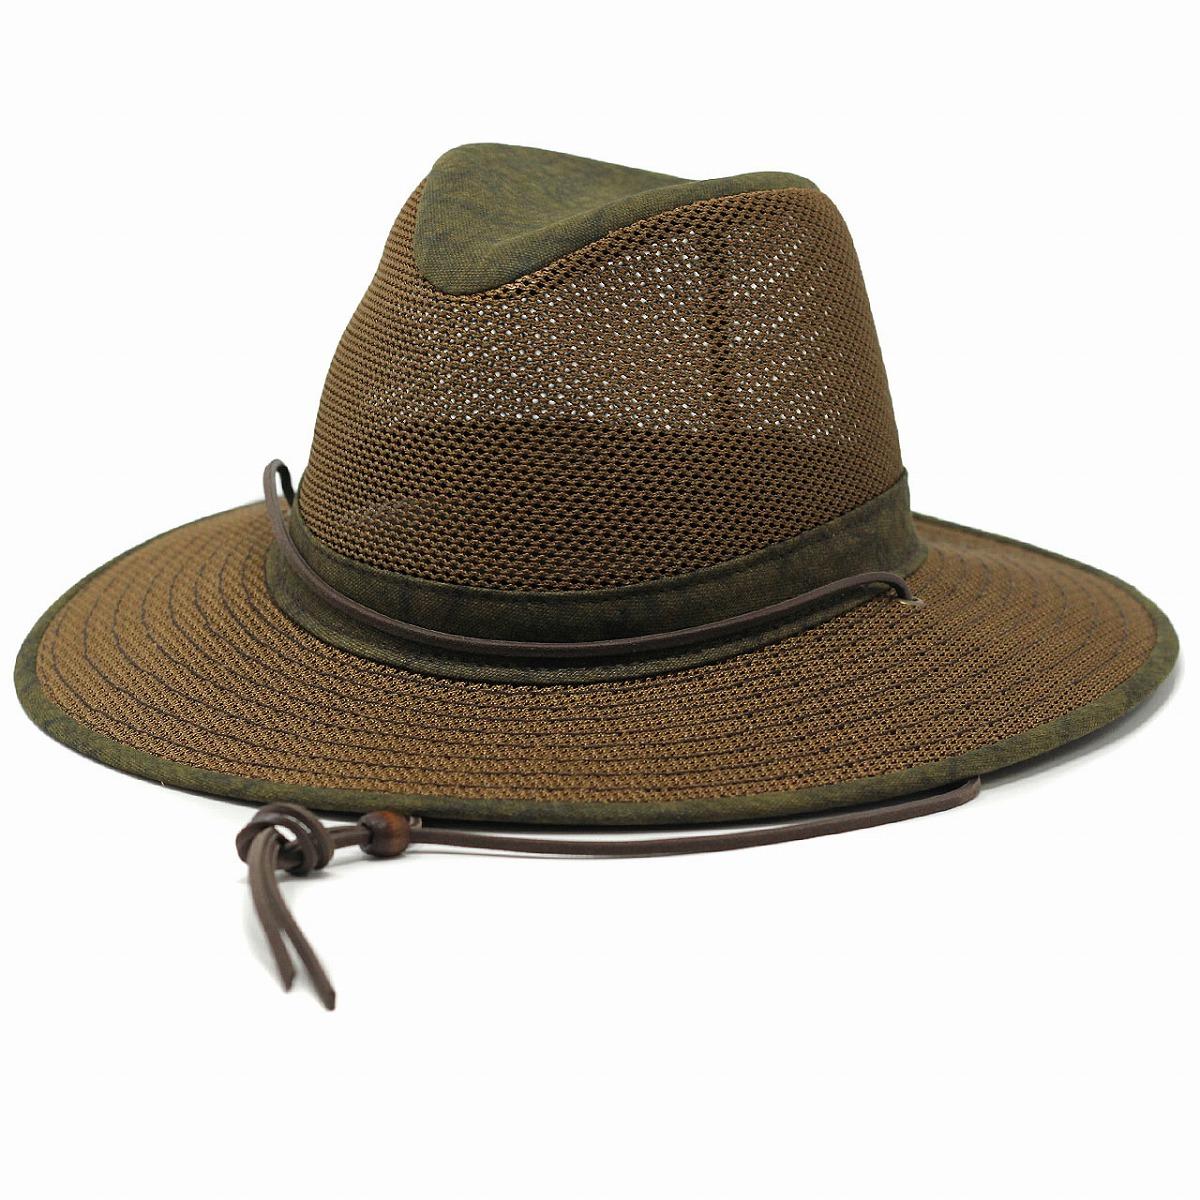 ヘンシェル マニッシュハット メンズ 大きいサイズ HENSCHEL 春 夏 アウトドア 紐付き ハット XL 2XL 3XLあり アメリカ 涼しい つば広 日よけ 帽子 紳士 ワイドブリム UVカット mannish hat / DSTゴールド [ wide-brim hat hat ] 父の日 ギフト プレゼント ラッピング無料